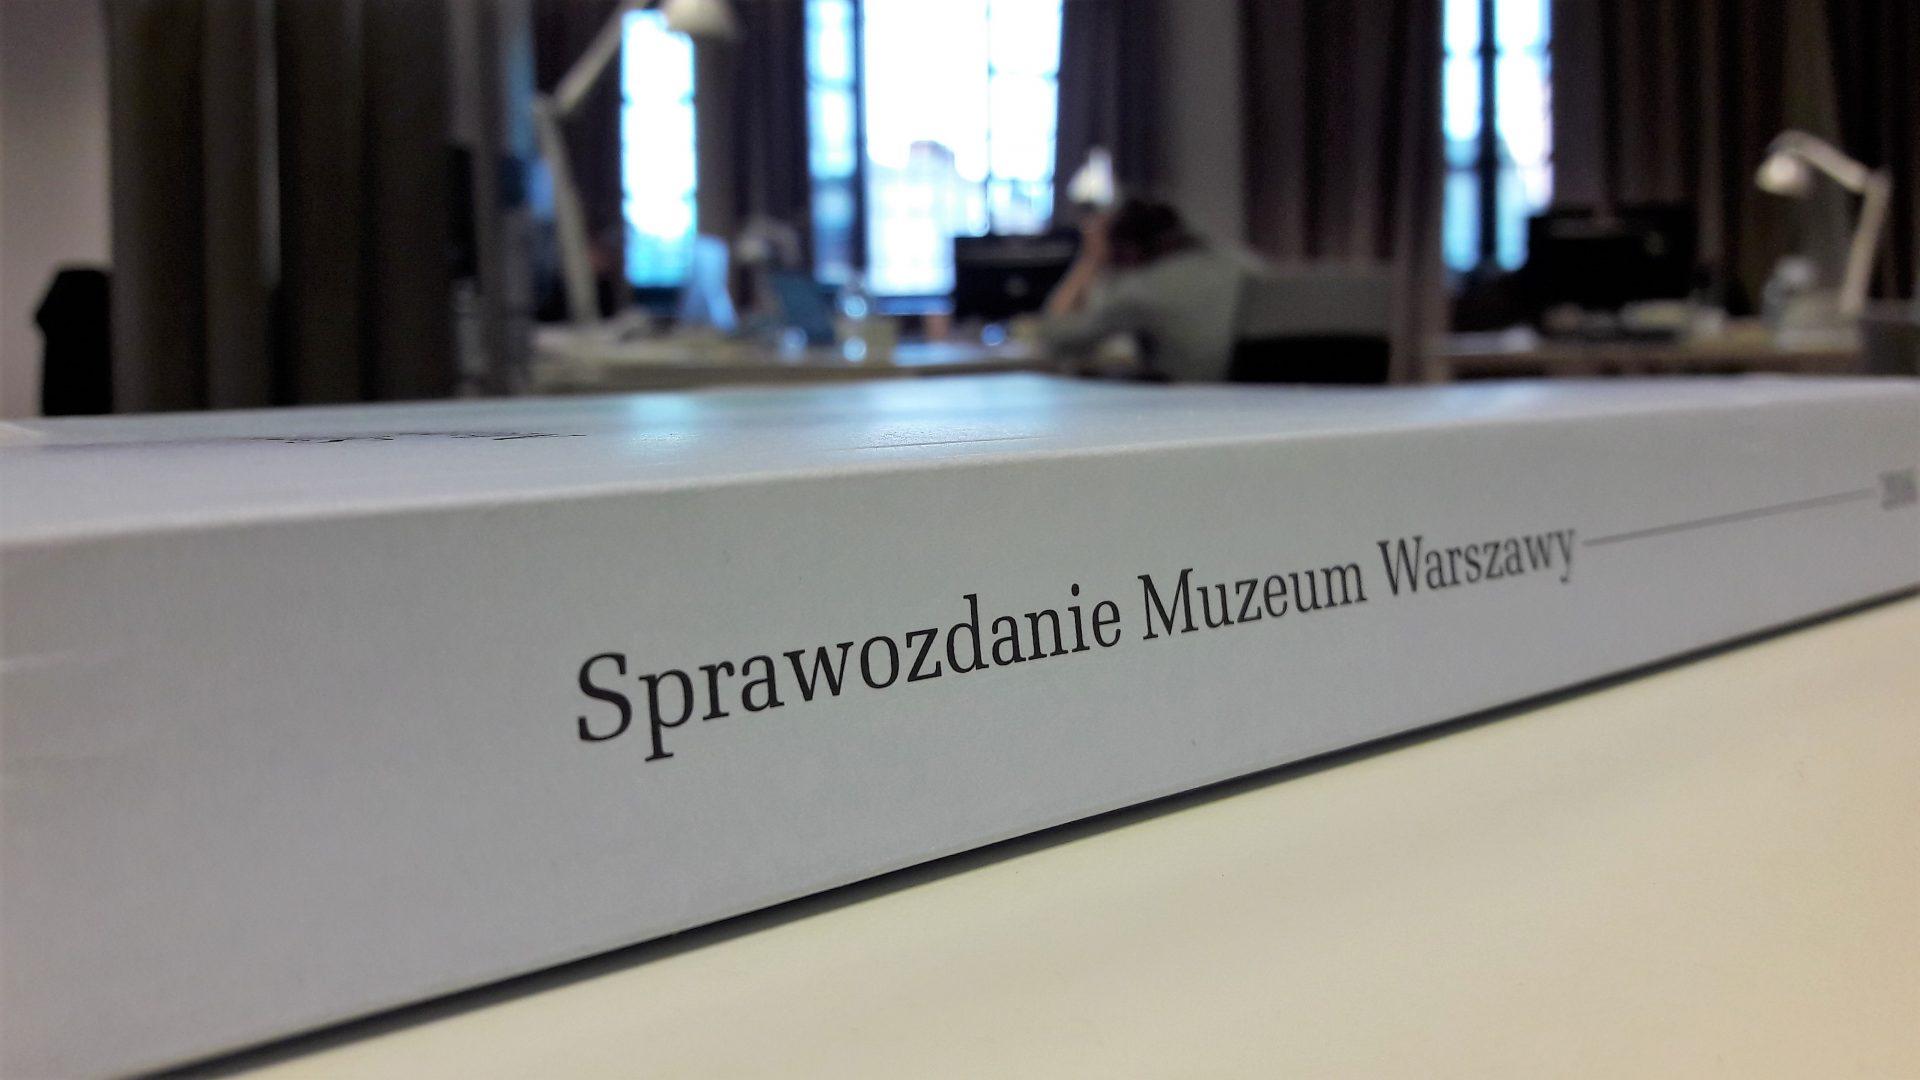 Sprawozdanie Muzeum Warszawy 2016